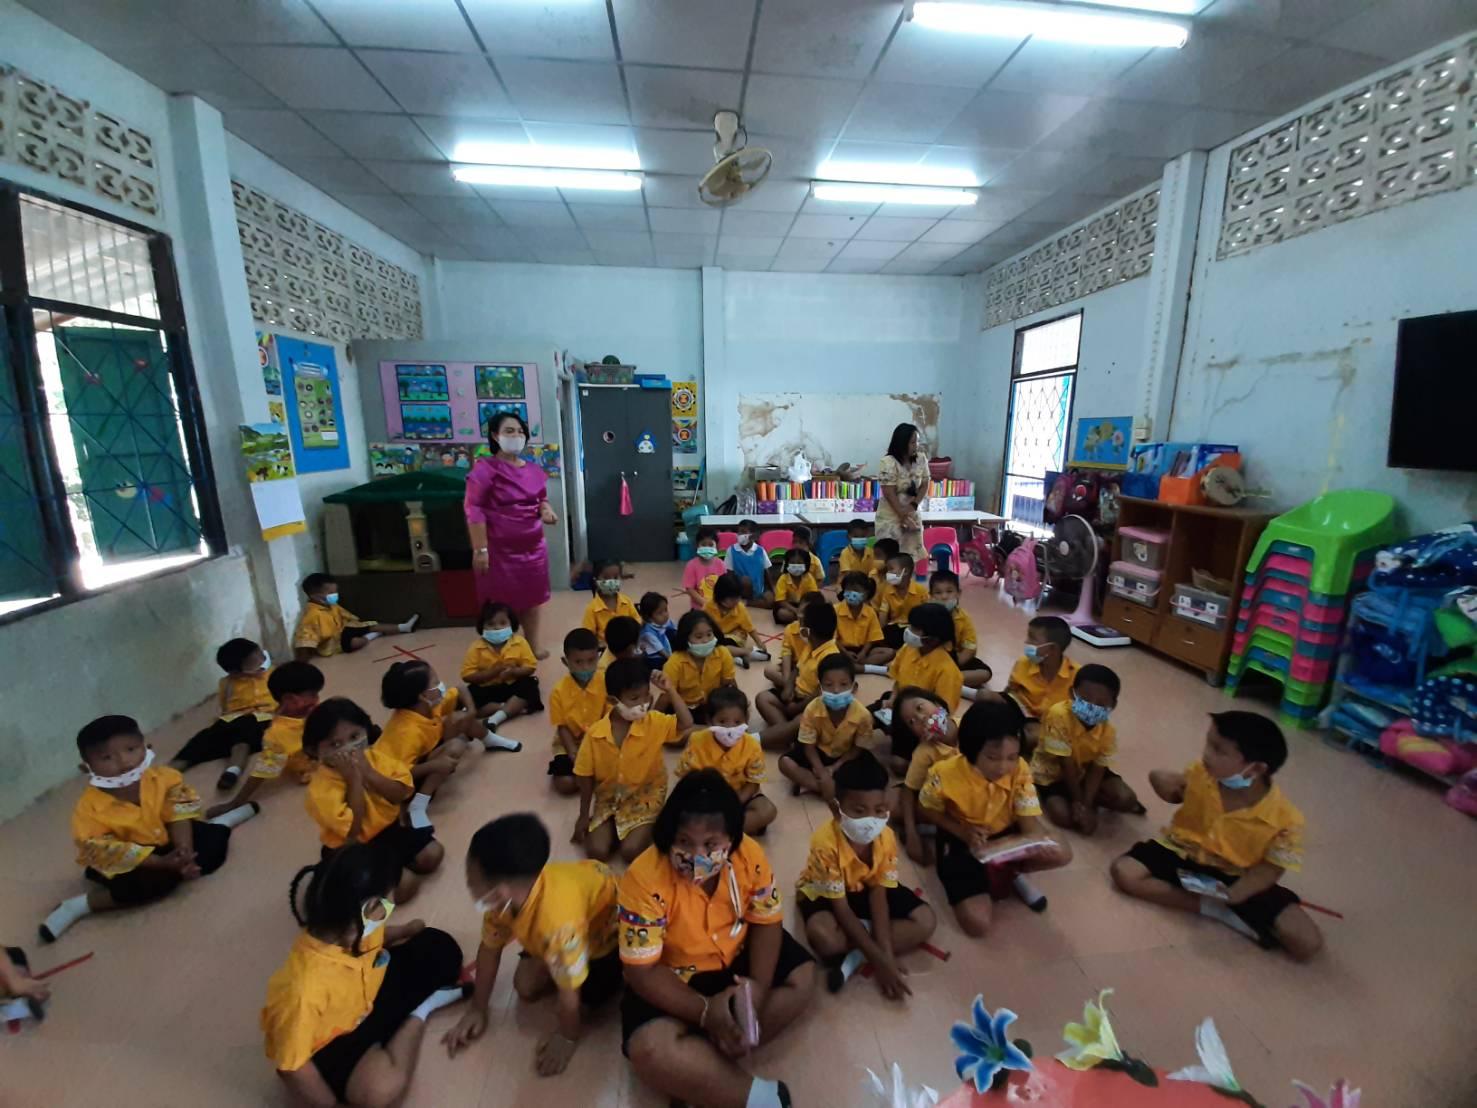 โครงการหอสมุดแห่งชาติสู่สถานศึกษาและชุมชน ประจำปี ๒๕๖๔ (ครั้งที่ ๑)